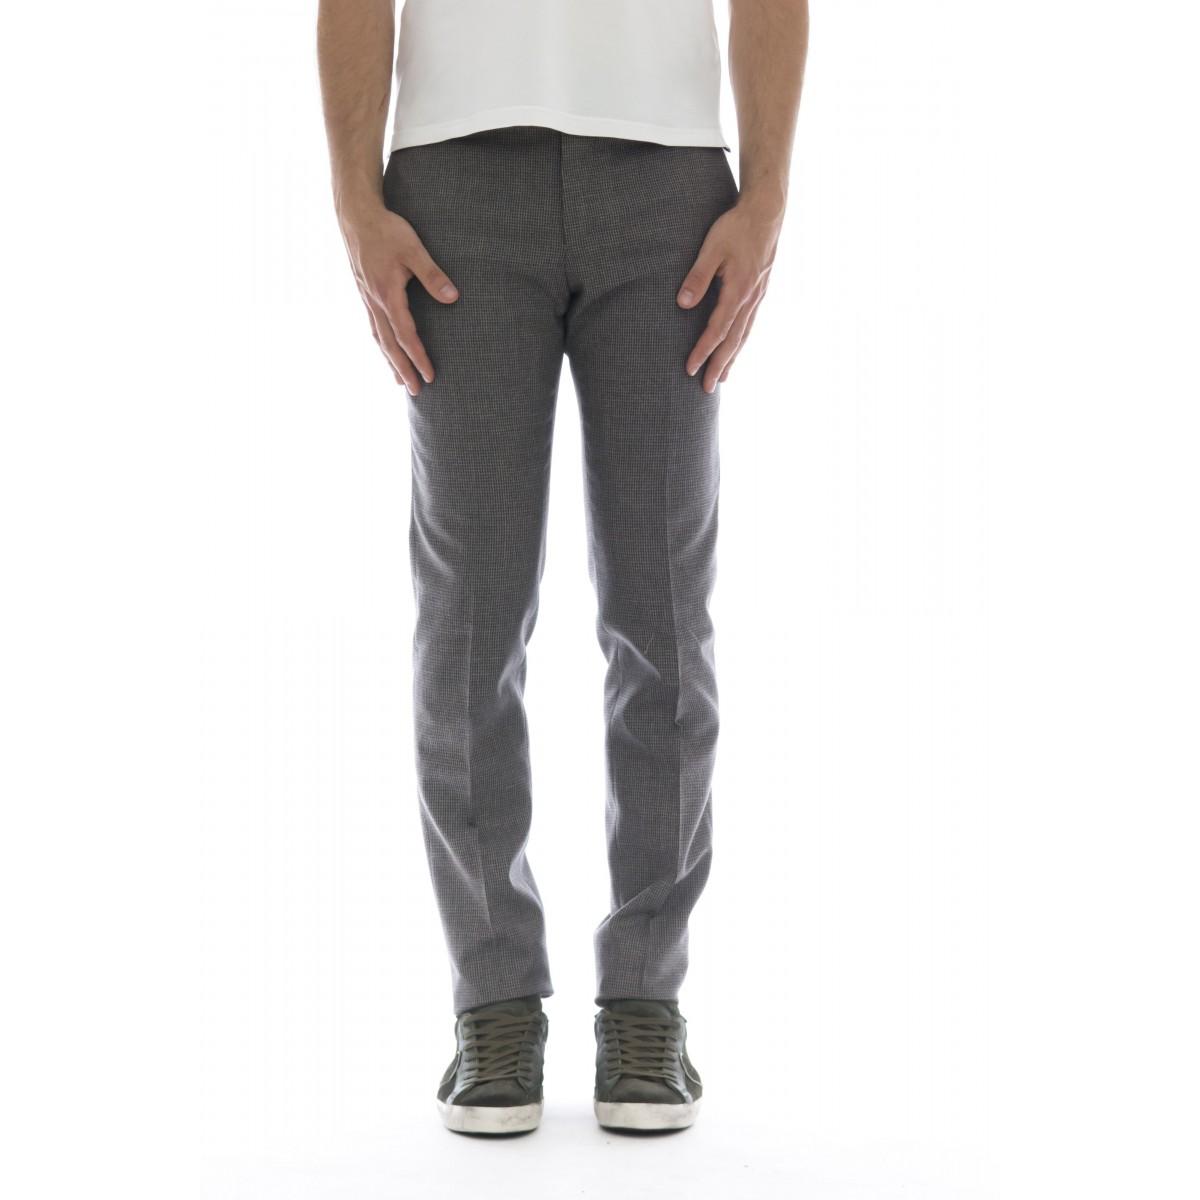 Pantalone uomo - Cpdf01z00he1 cm04 lana cotone strech